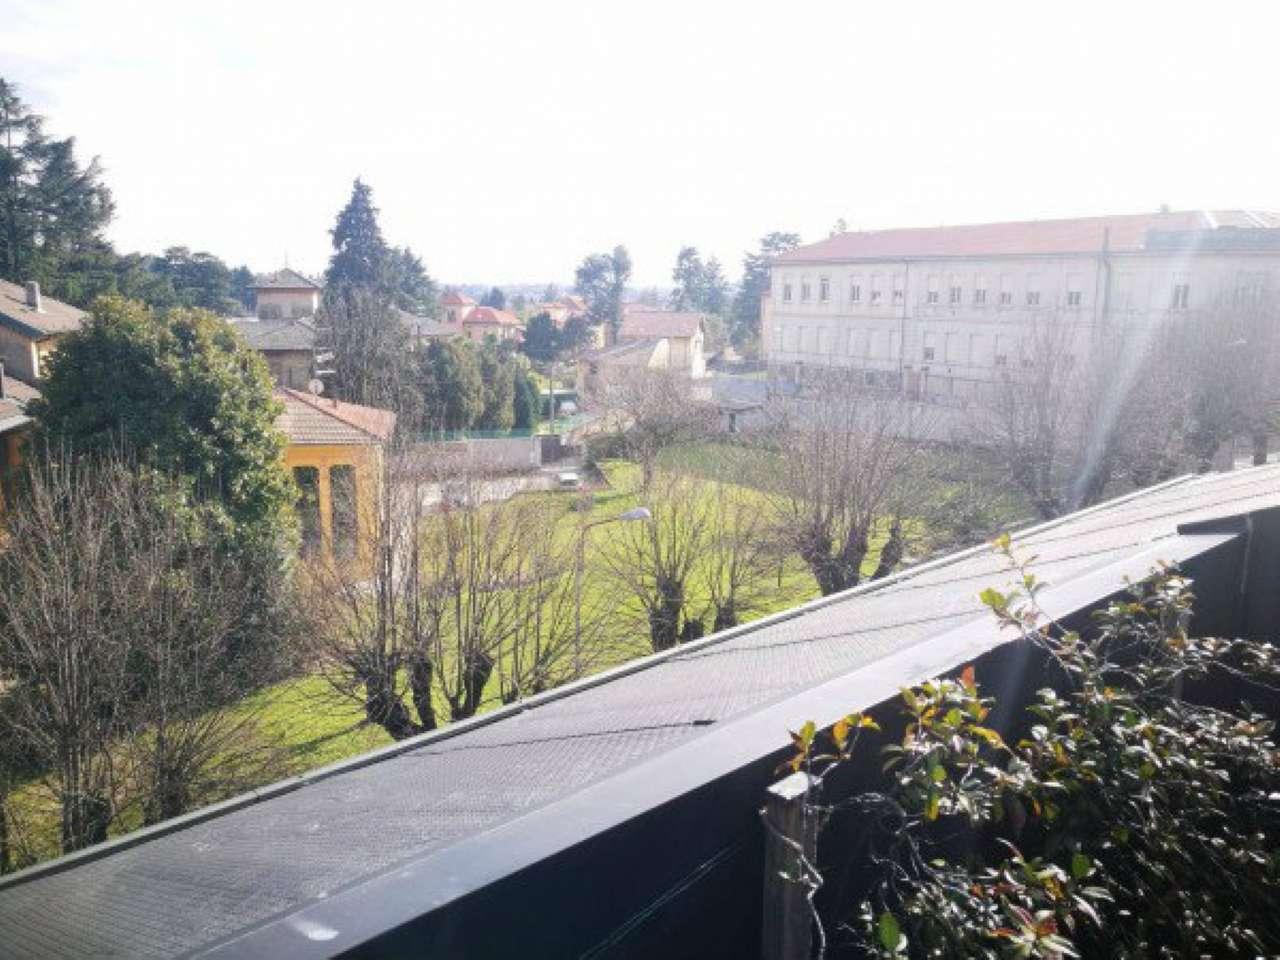 Attico / Mansarda in affitto a Induno Olona, 6 locali, prezzo € 1.200   CambioCasa.it